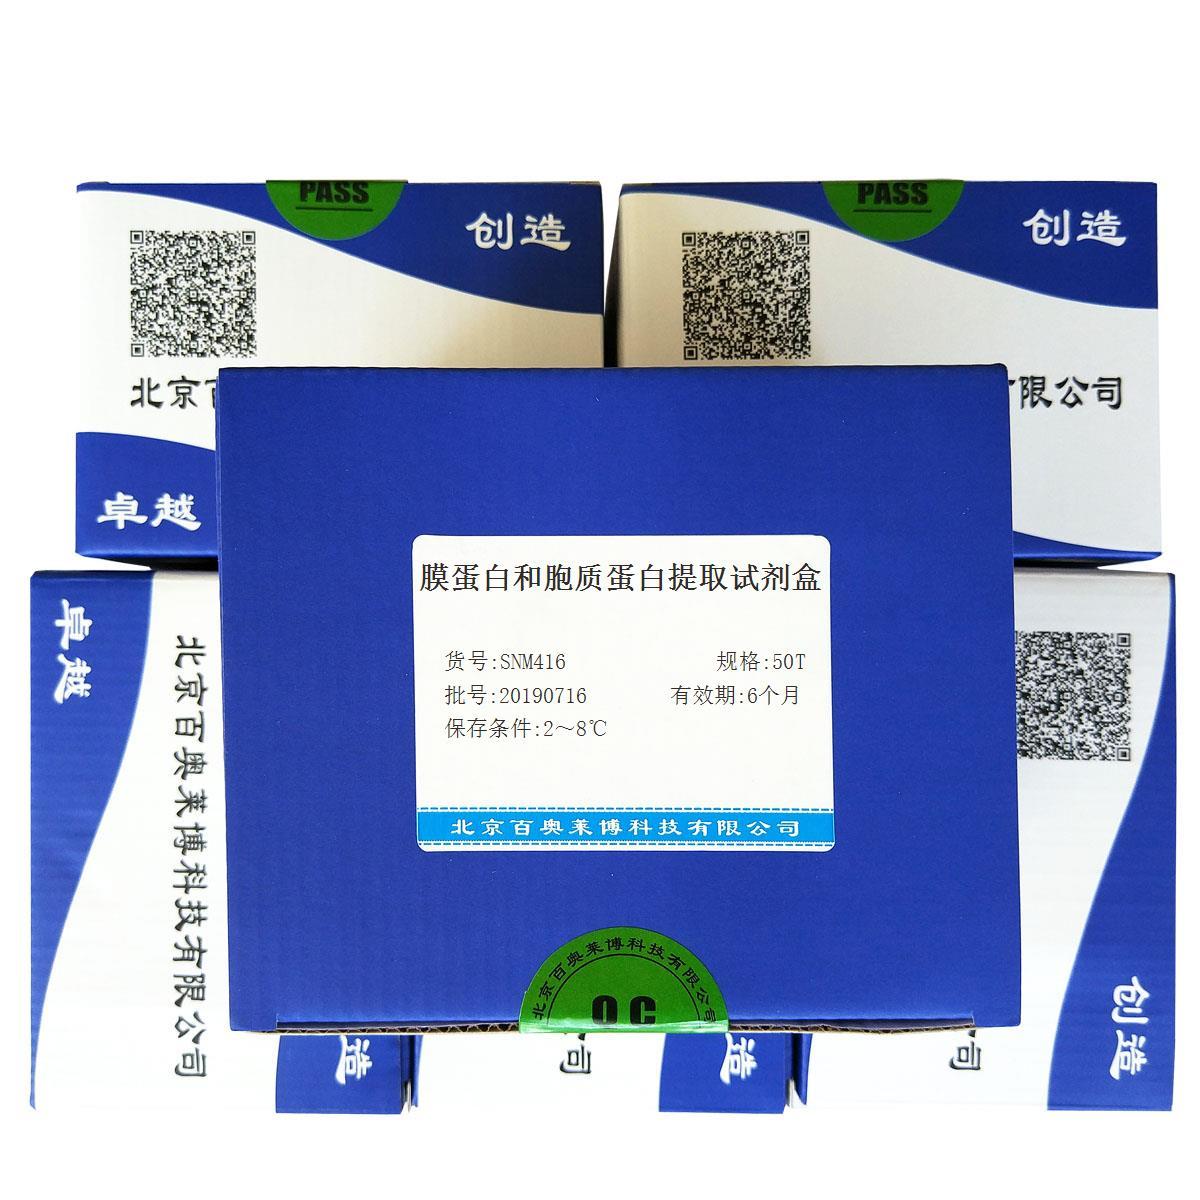 膜蛋白和胞质蛋白提取试剂盒北京供应商